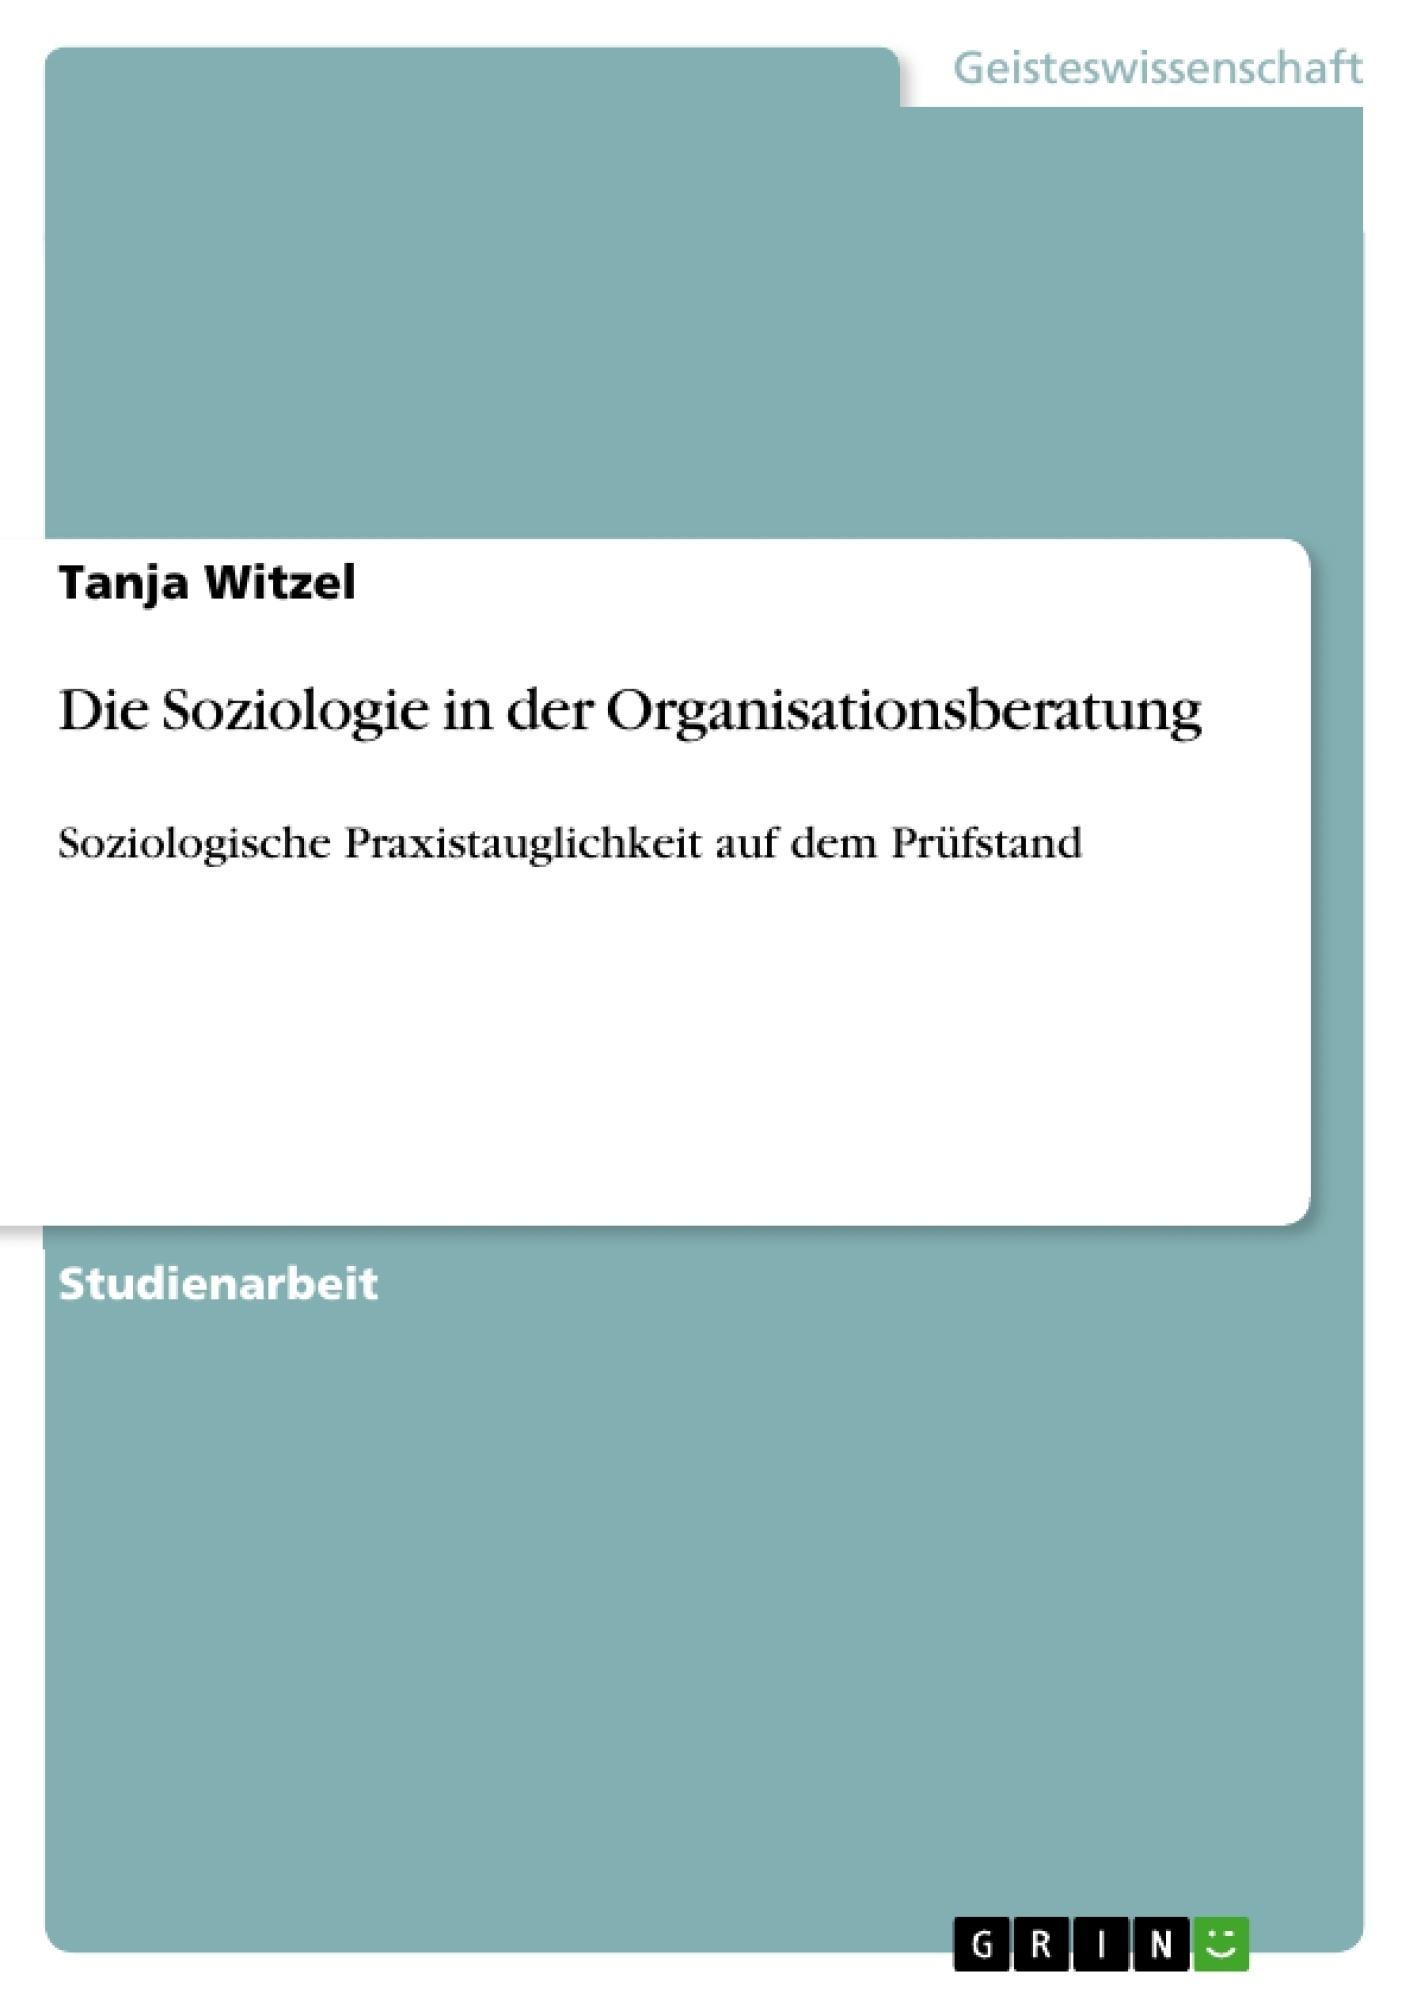 Titel: Die Soziologie in der Organisationsberatung